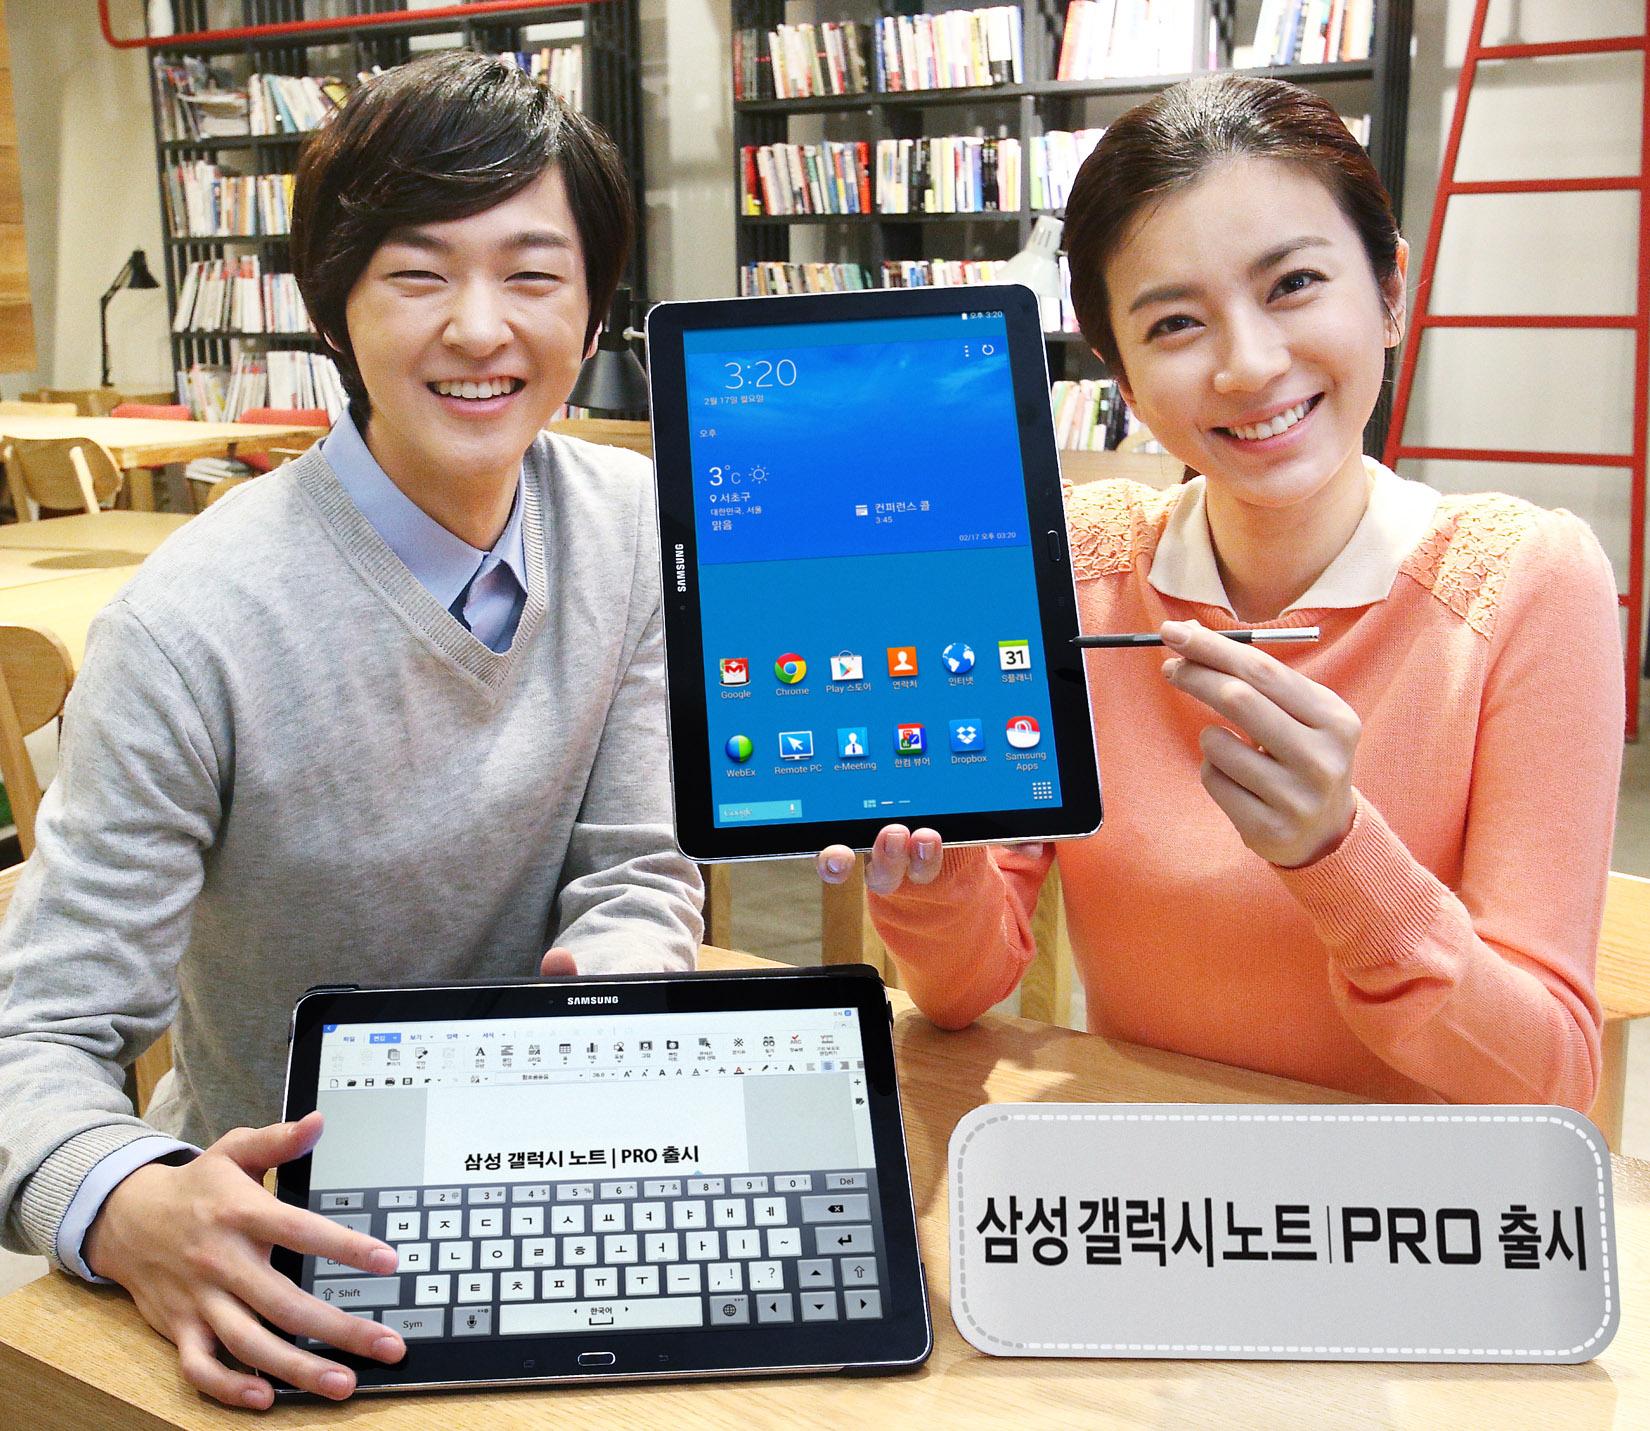 삼성전자, '프로'들을 위한 태블릿' 갤럭시 노트 프로' 출시